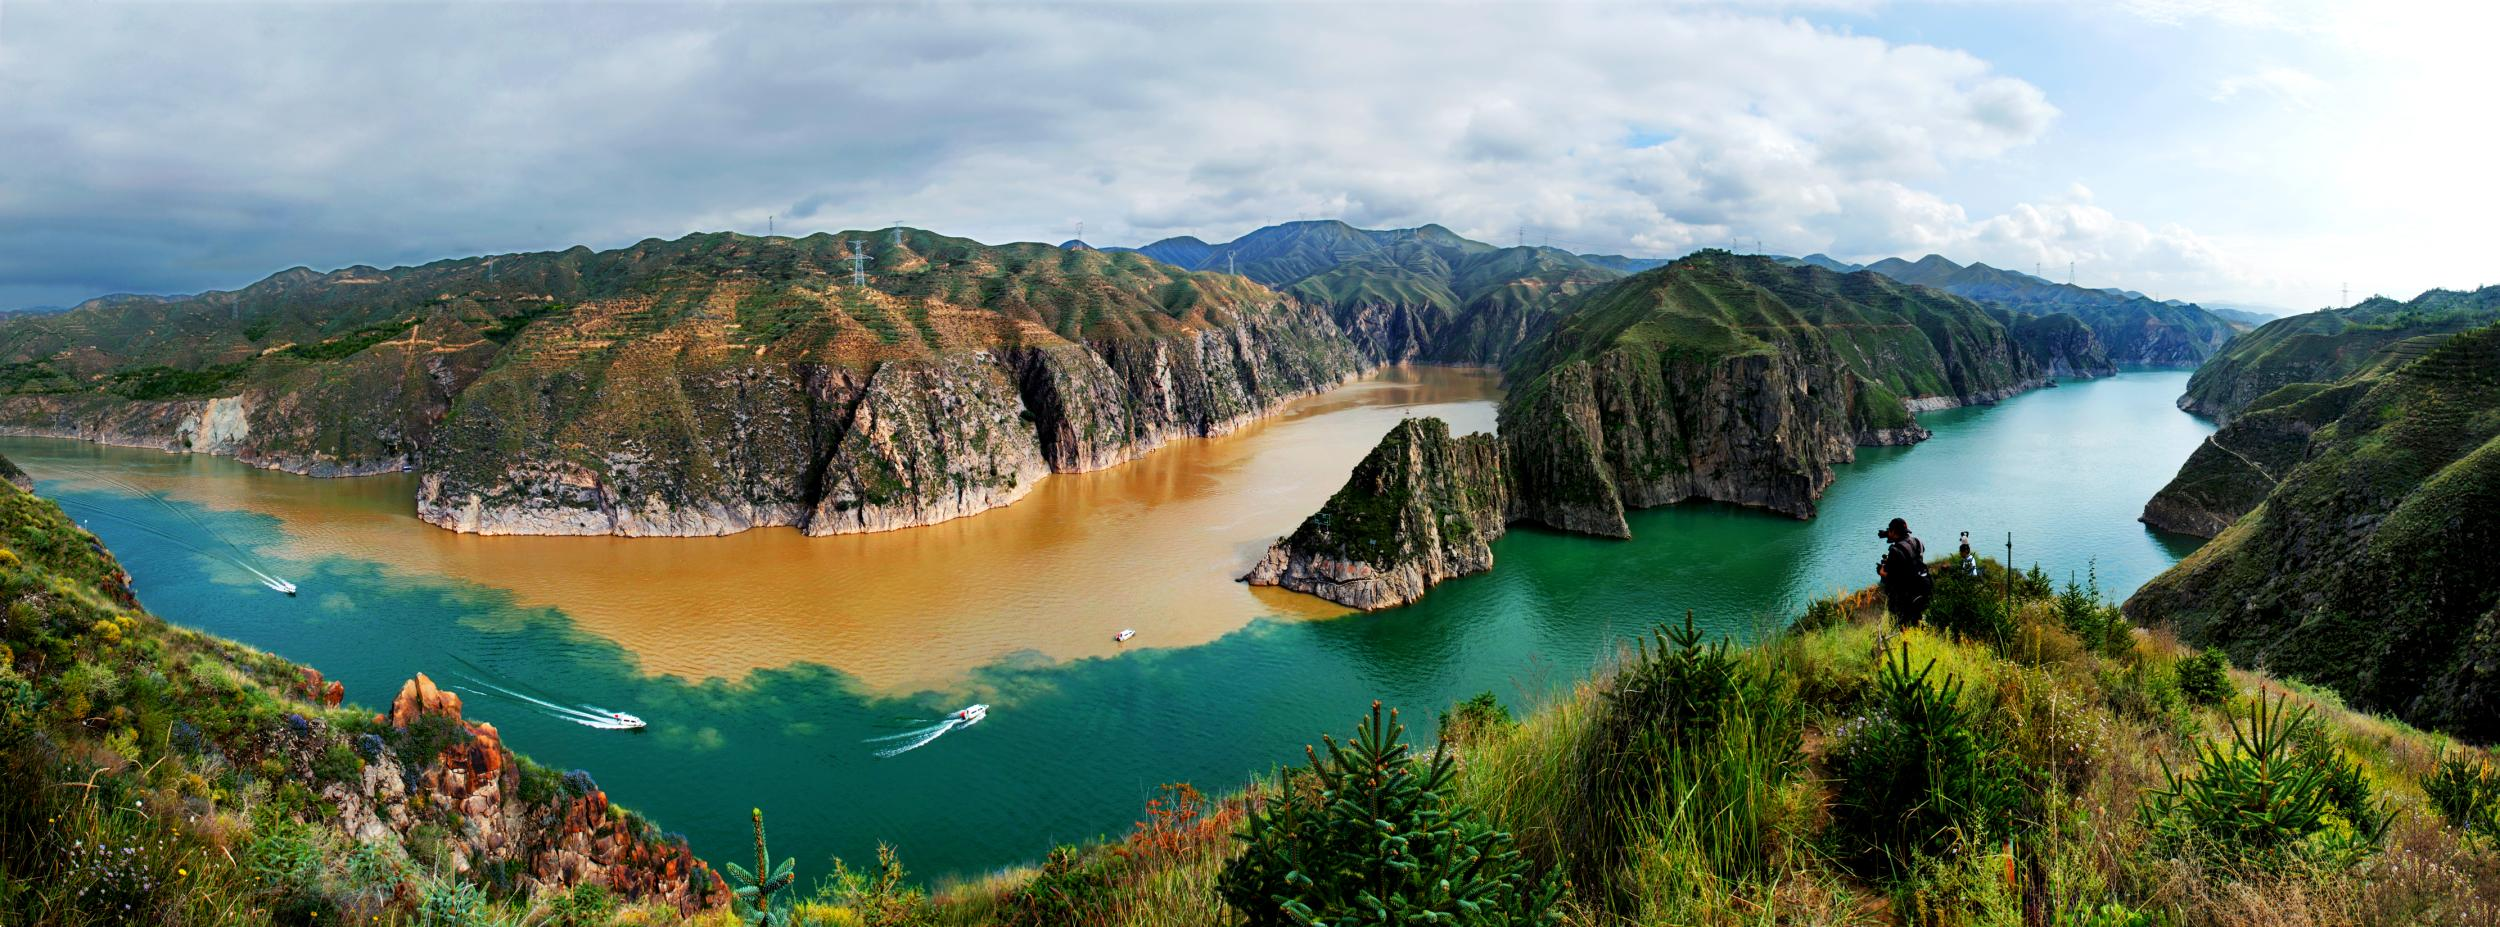 你从未见过的黄河全貌,简直美翻了!